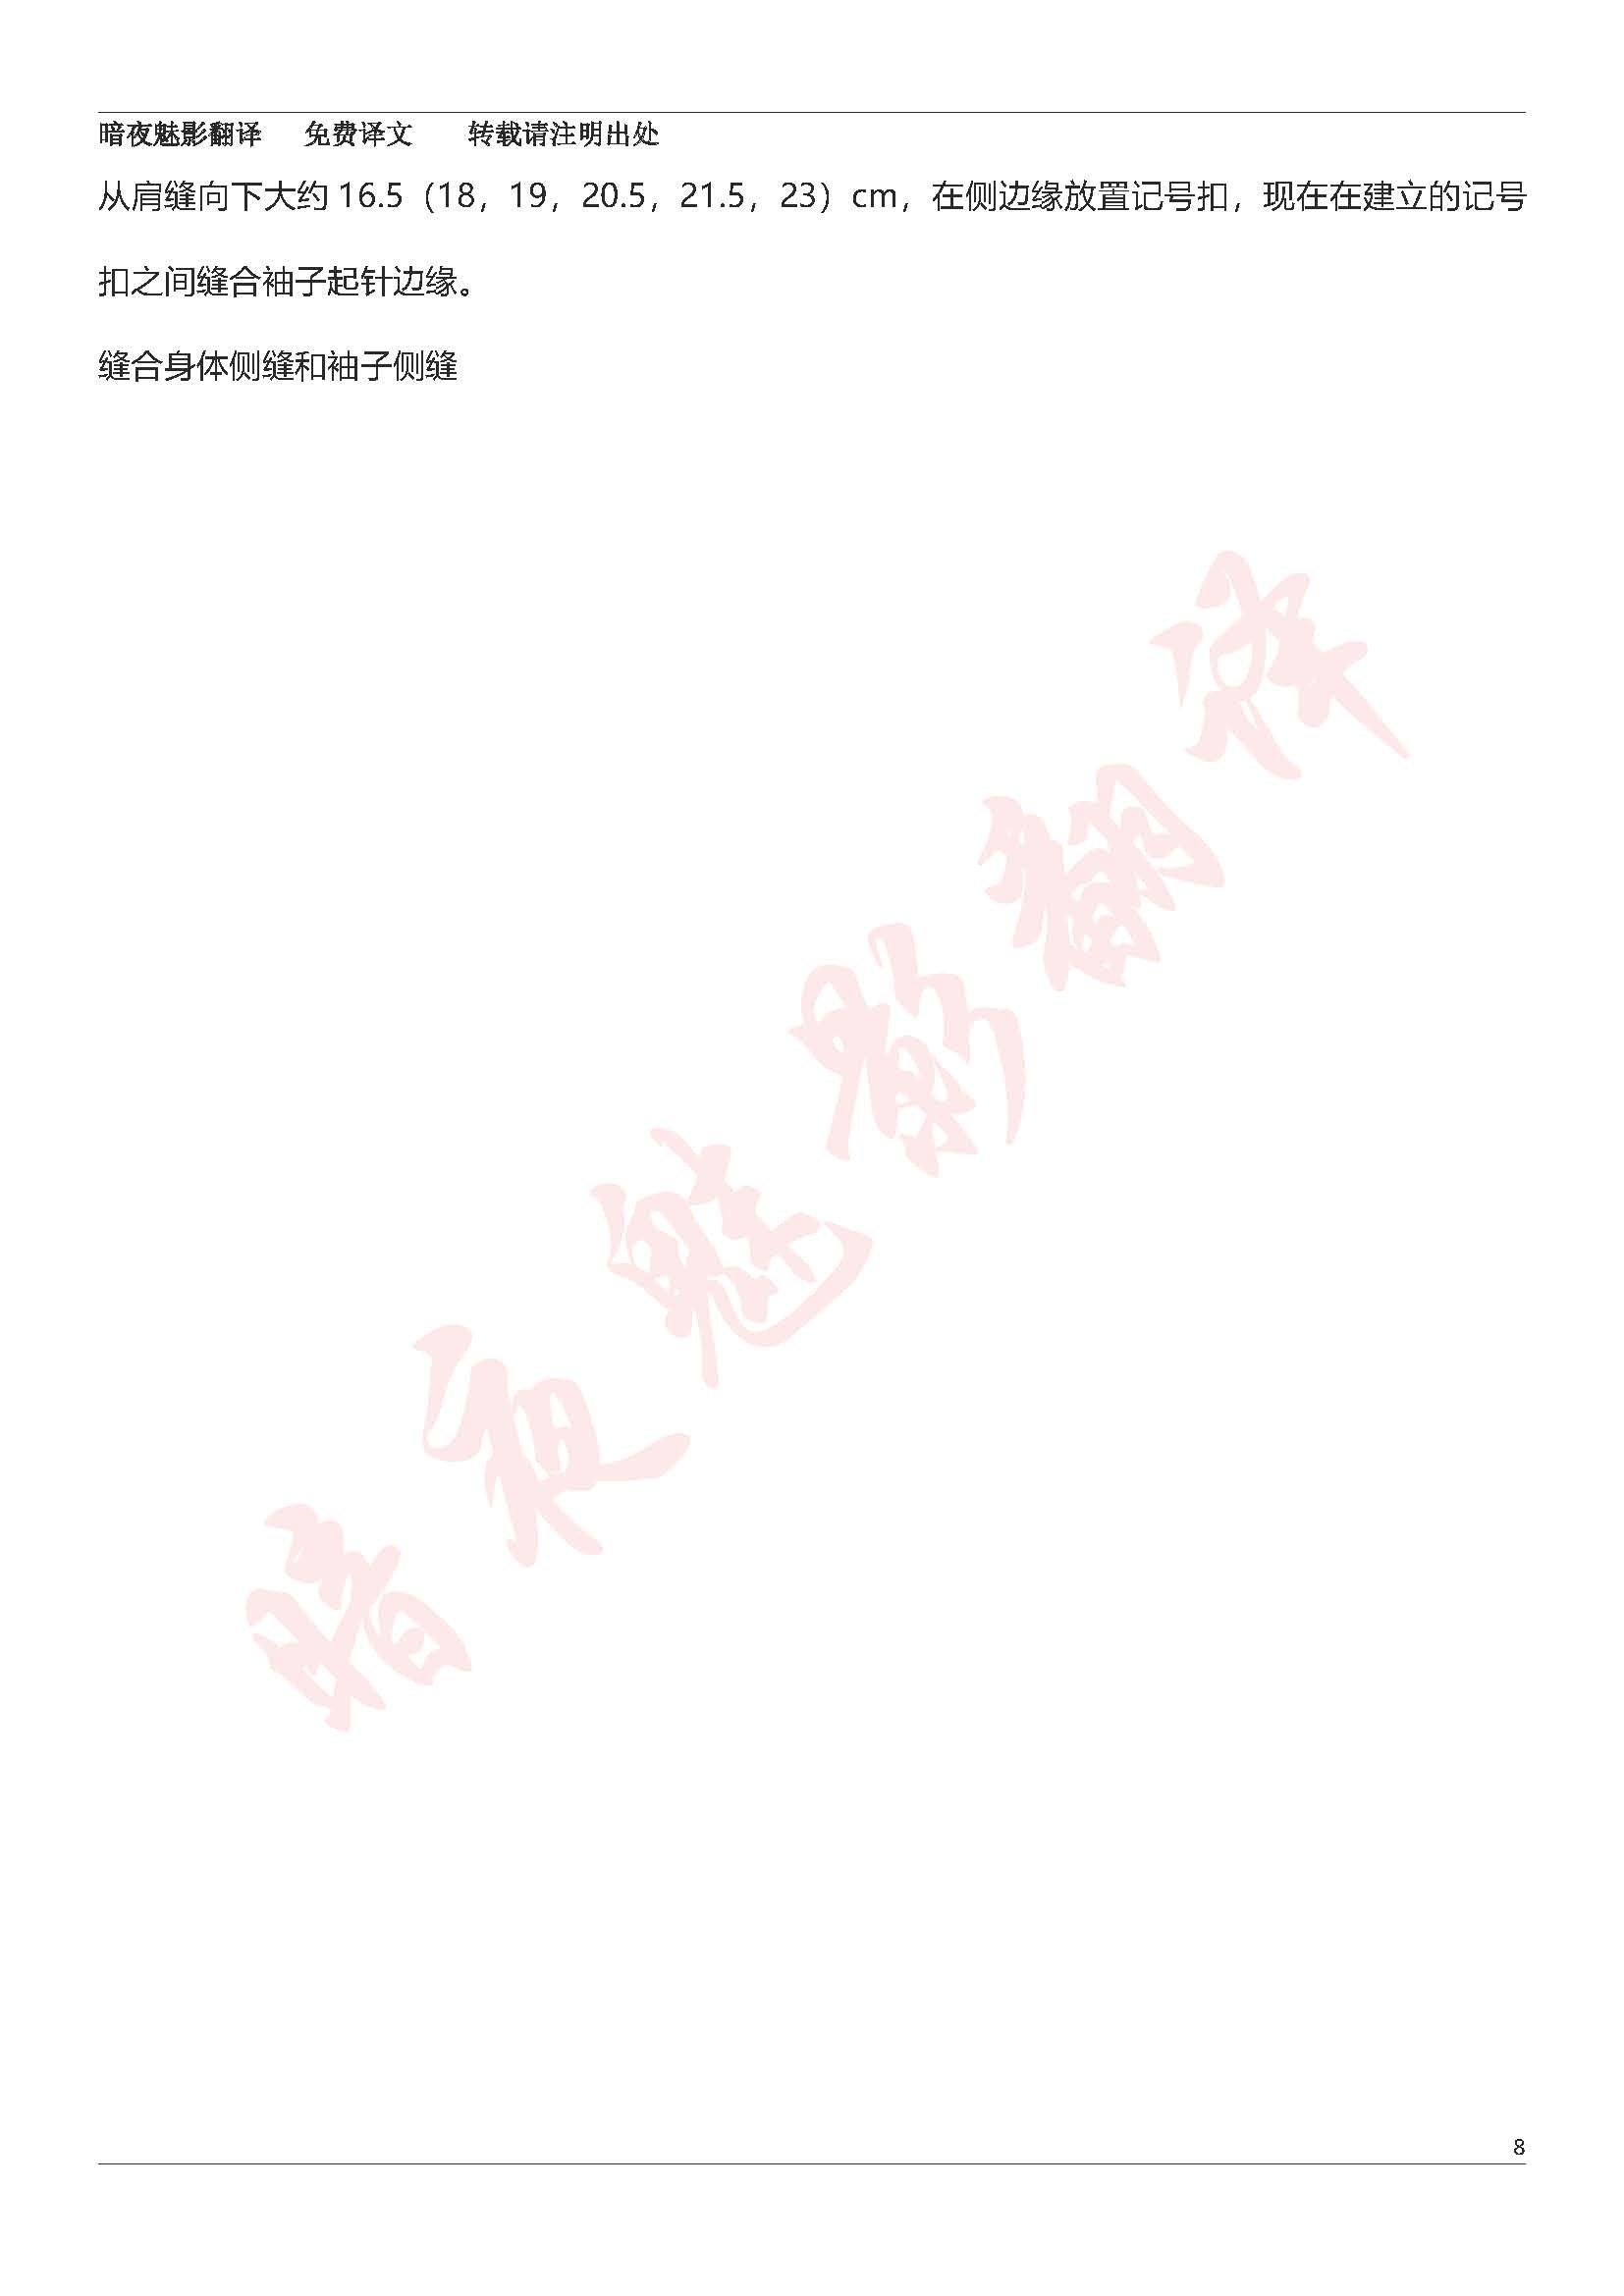 斯塔尔图解_页面_8.jpg